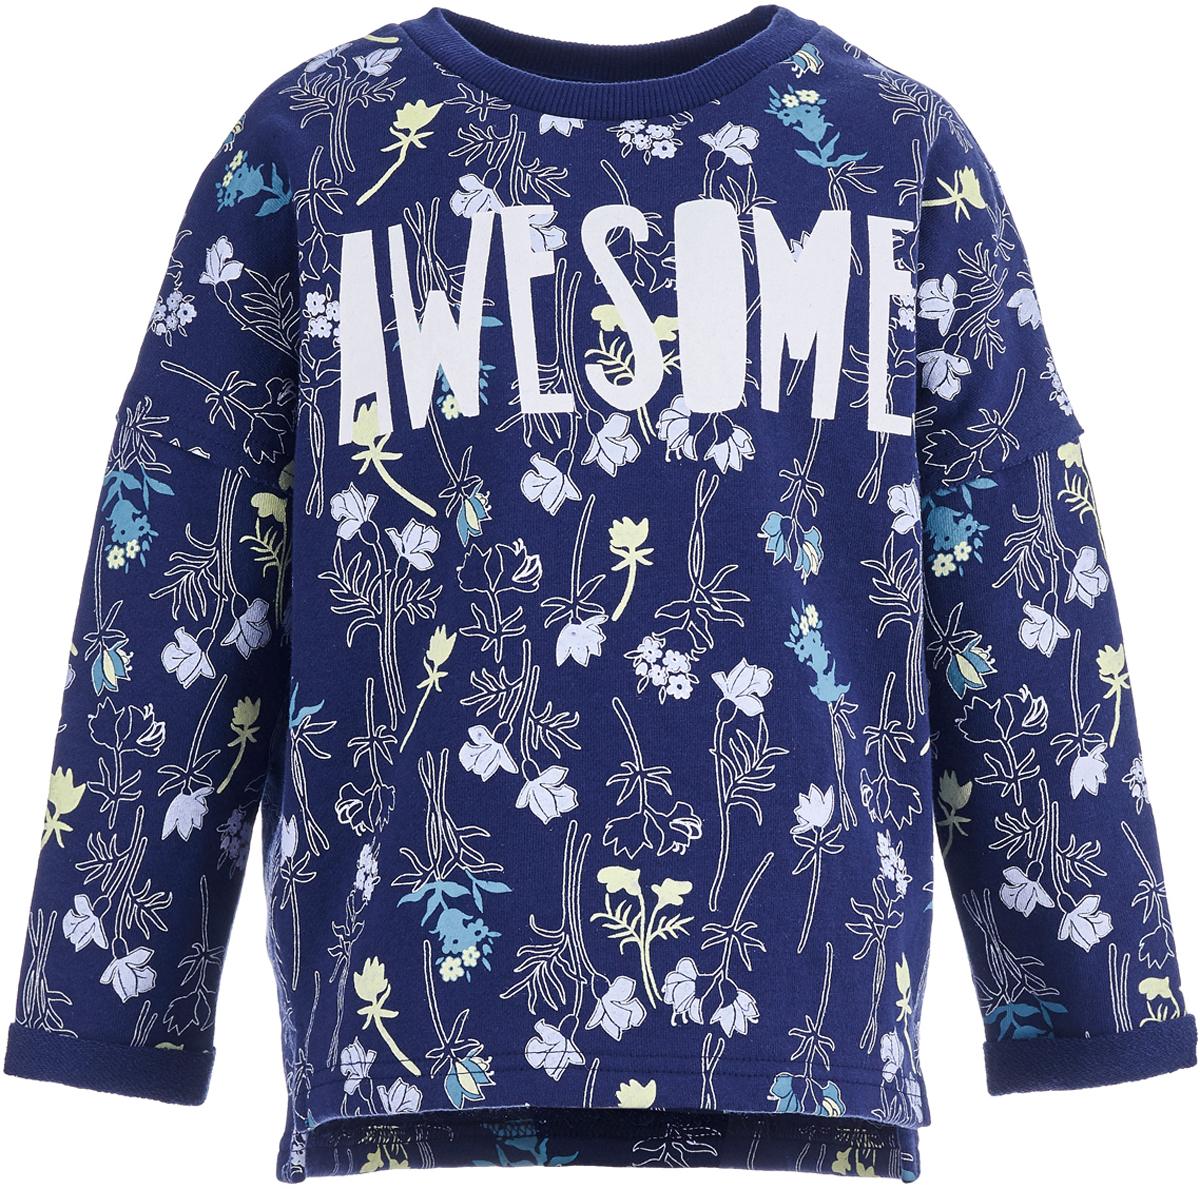 Свитшот для девочки Button Blue, цвет: темно-синий. 118BBGC16051014. Размер 140118BBGC16051014Яркий детский свитшот - идеальная весенняя одежда для девочки. Модель с длинными рукавами декорирована надписью, сделанной стильным шрифтом. Она может украсить любой образ и добавить ребенку позитива в самый прохладный день! Чтобы порадовать девочку, ей можно купить детский свитшот, отличающийся модным дизайном и удобным кроем.